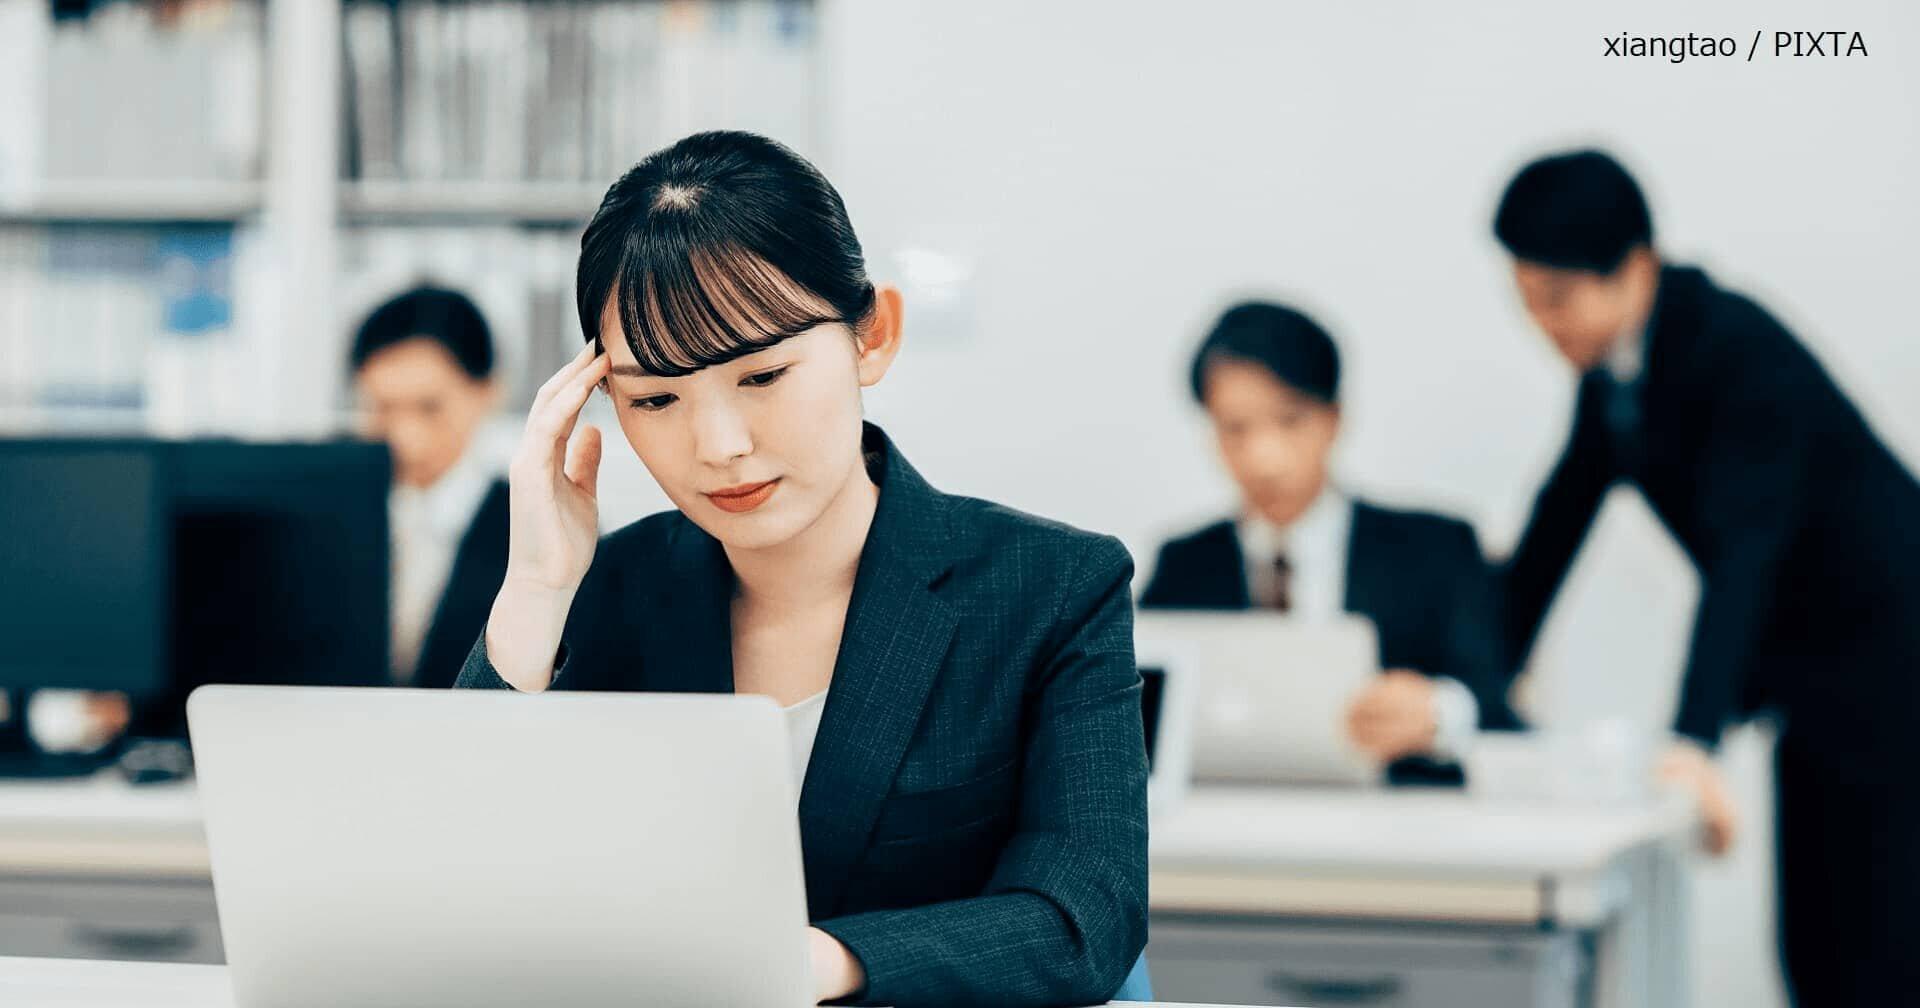 新入社員のレジリエンスを高め、成長を促すマネジメントとは?